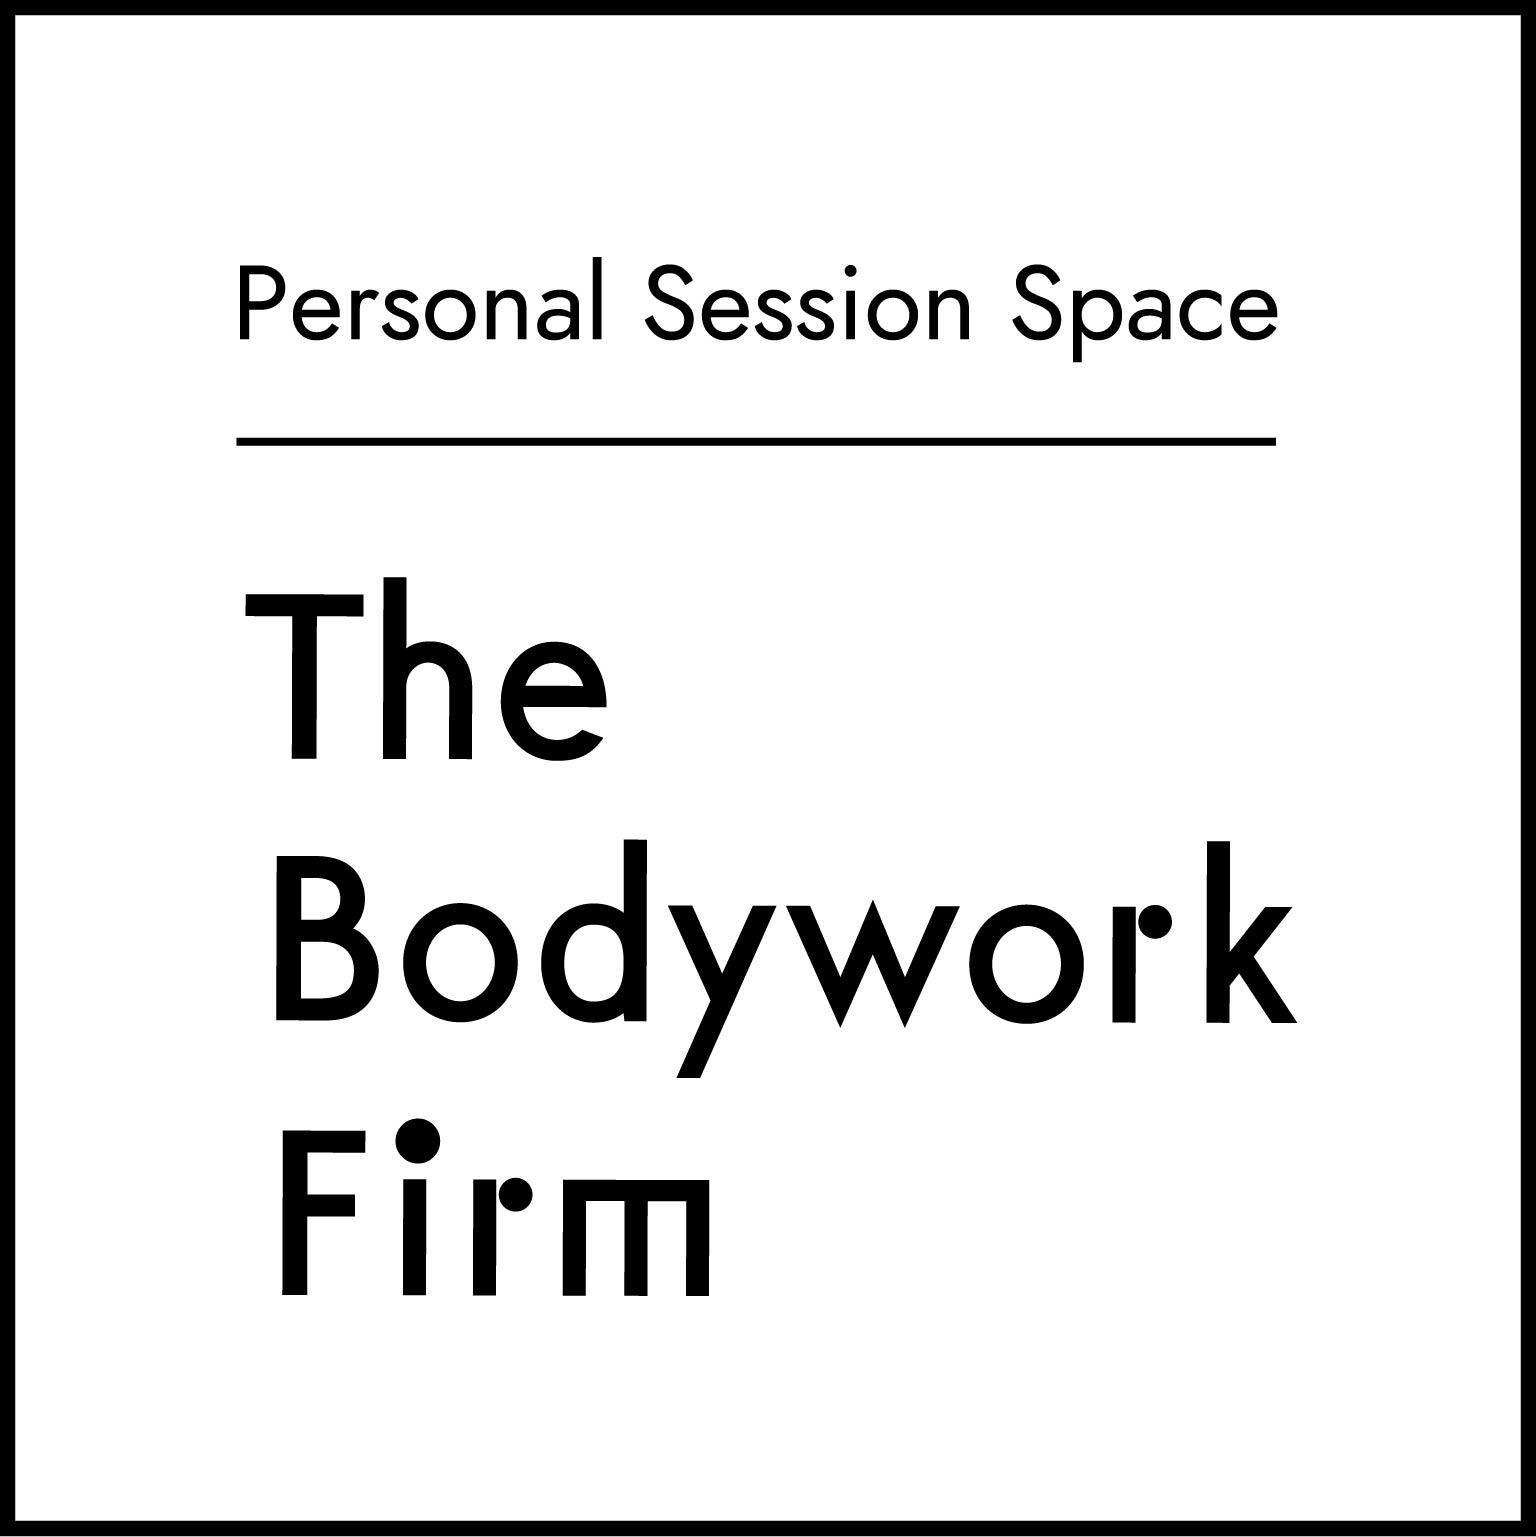 パーソナルセッションスペース「The Bodywork Firm 」